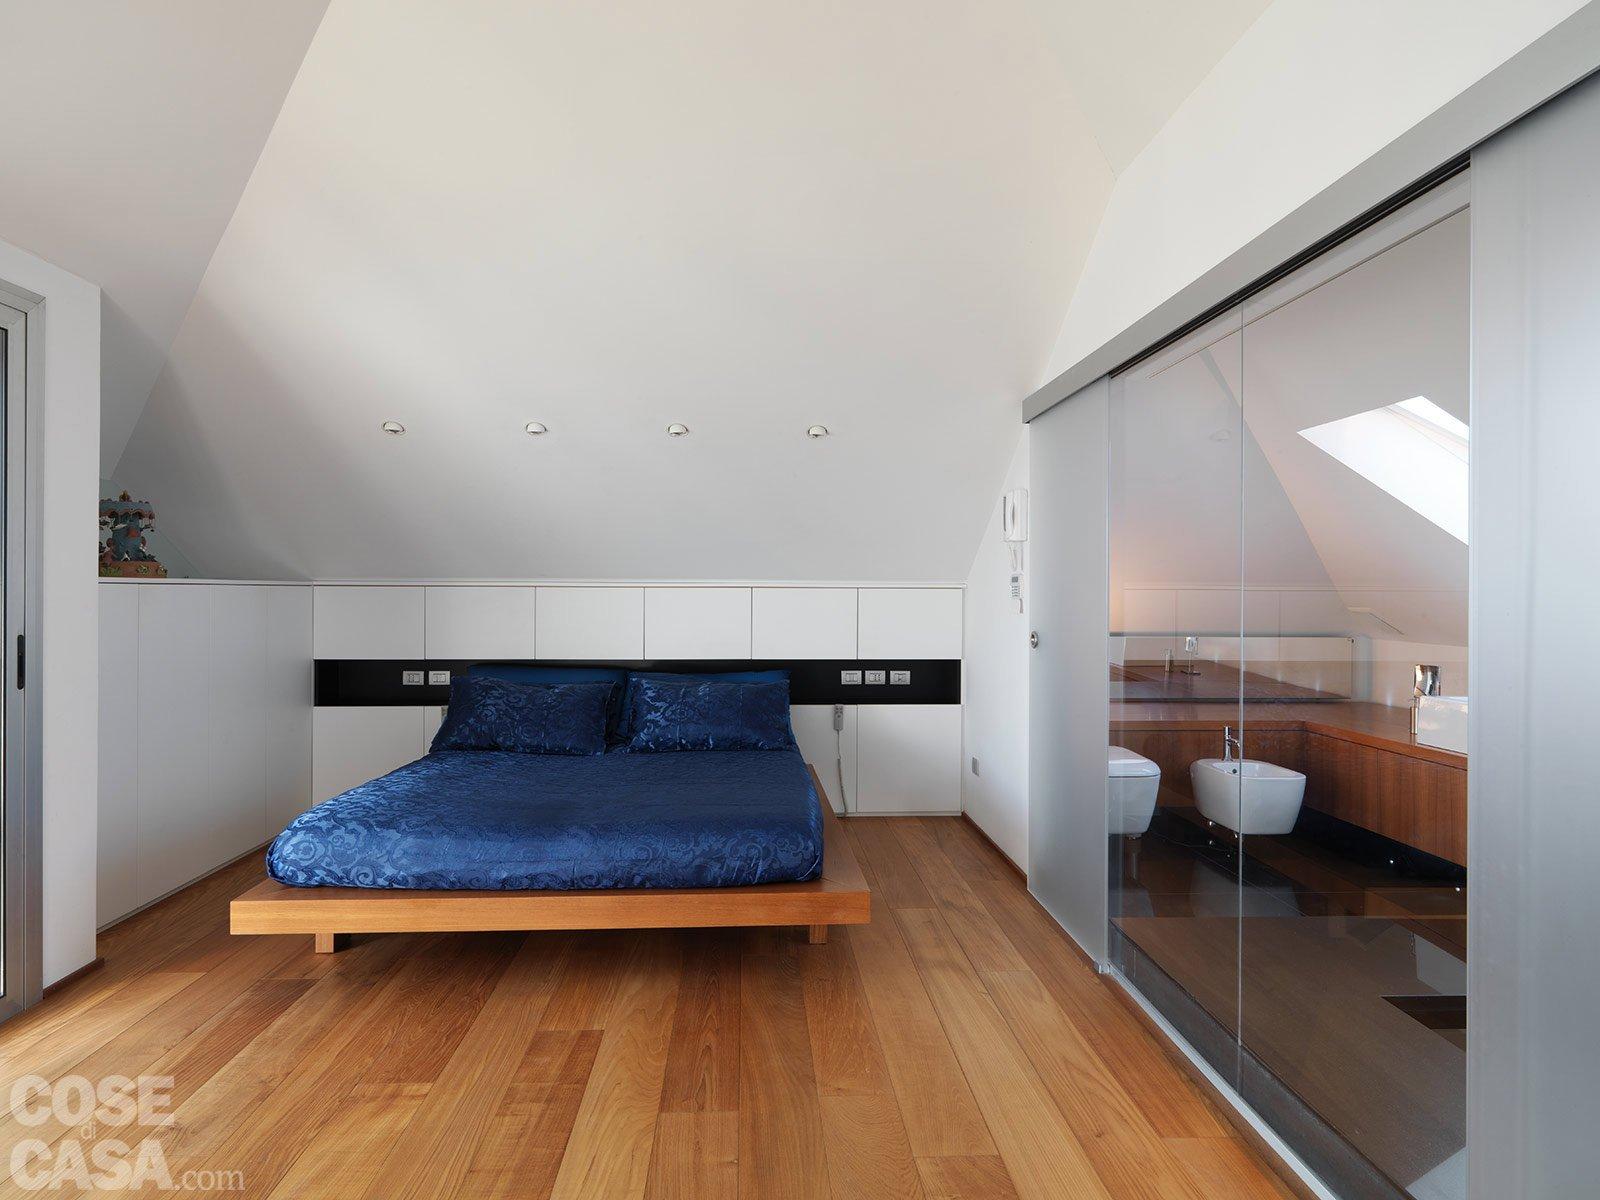 Tende a vetro per bagno moderno : tende camera da letto ikea ...